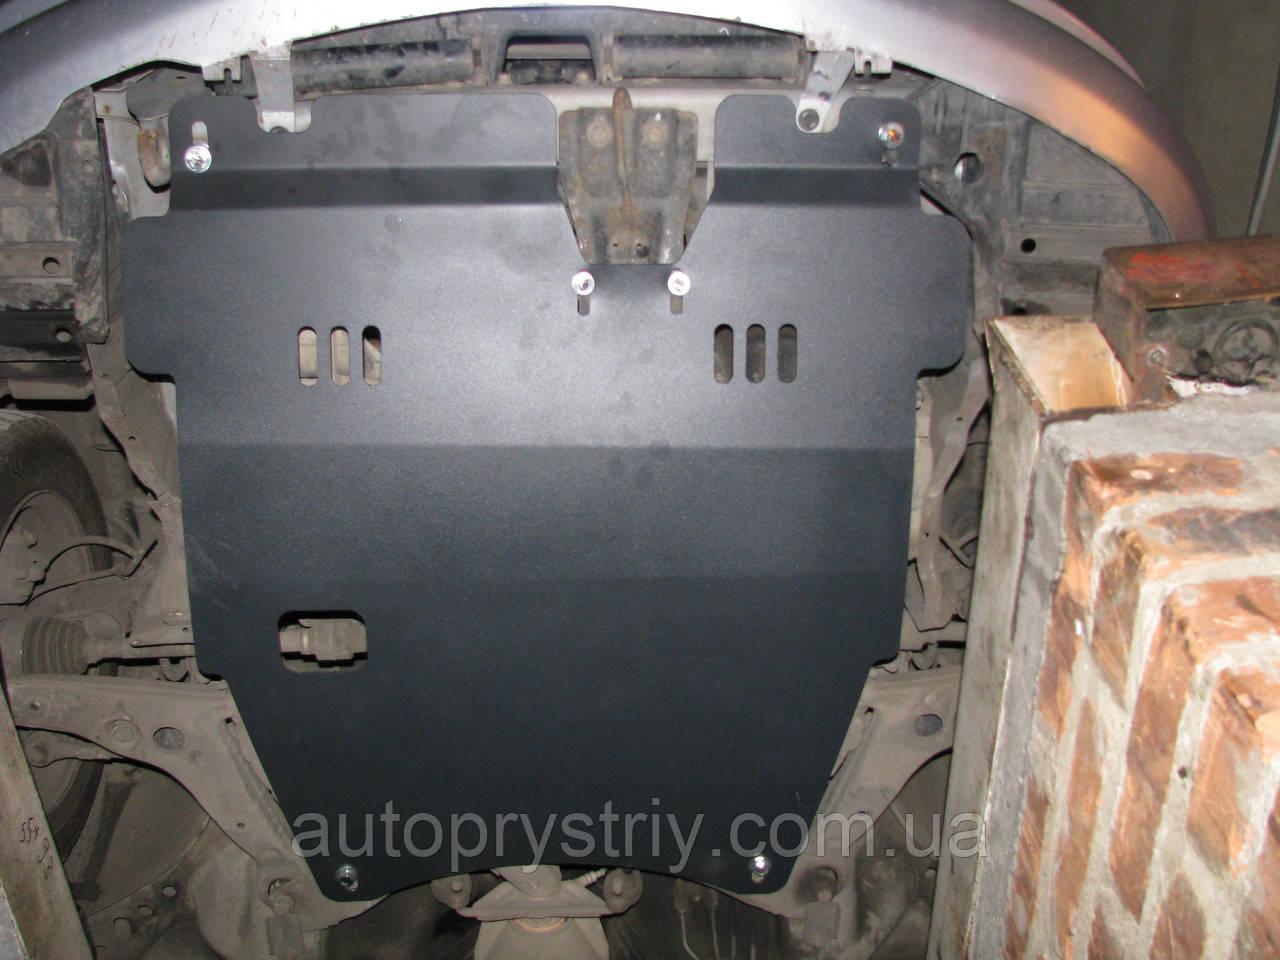 Защита двигателя и КПП Mitsubishi Lancer 9 classik (2000--)  1.3, 1.6, 2.0